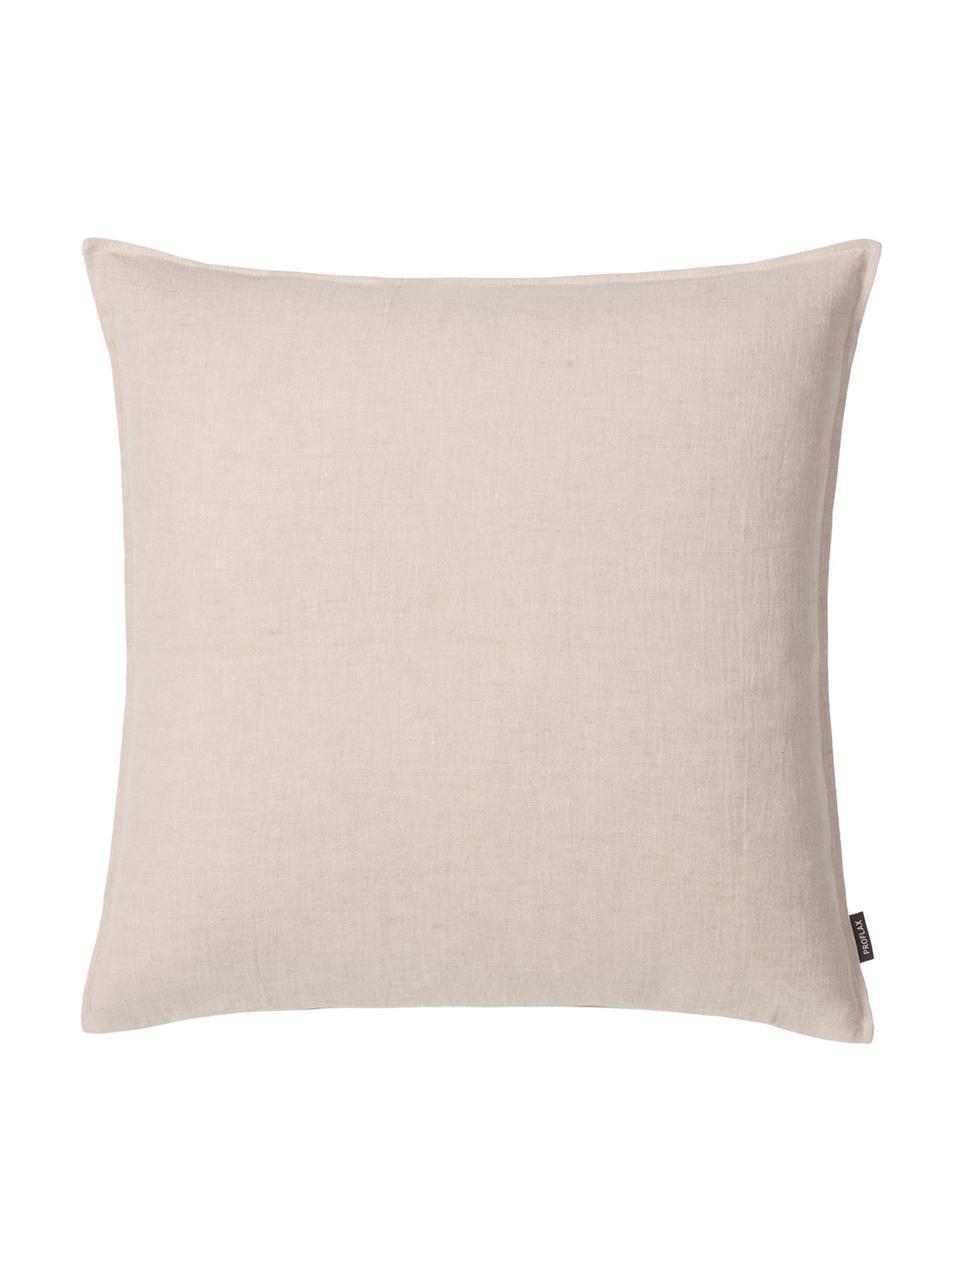 Federa arredo in lino lavato beige Sven, 100% lino, Beige, Larg. 40 x Lung. 40 cm